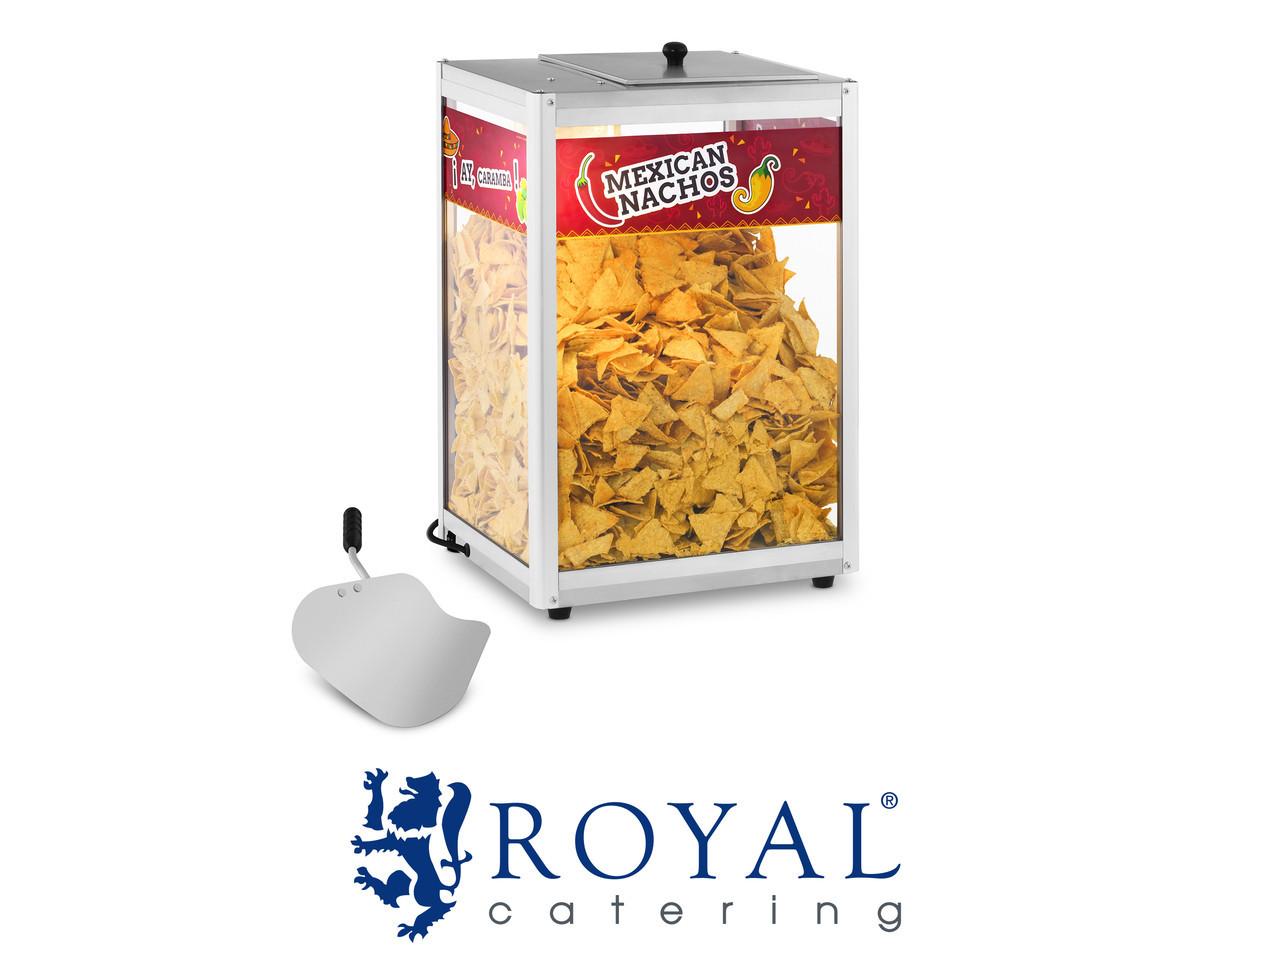 Нагрівач для nachos ROYAL